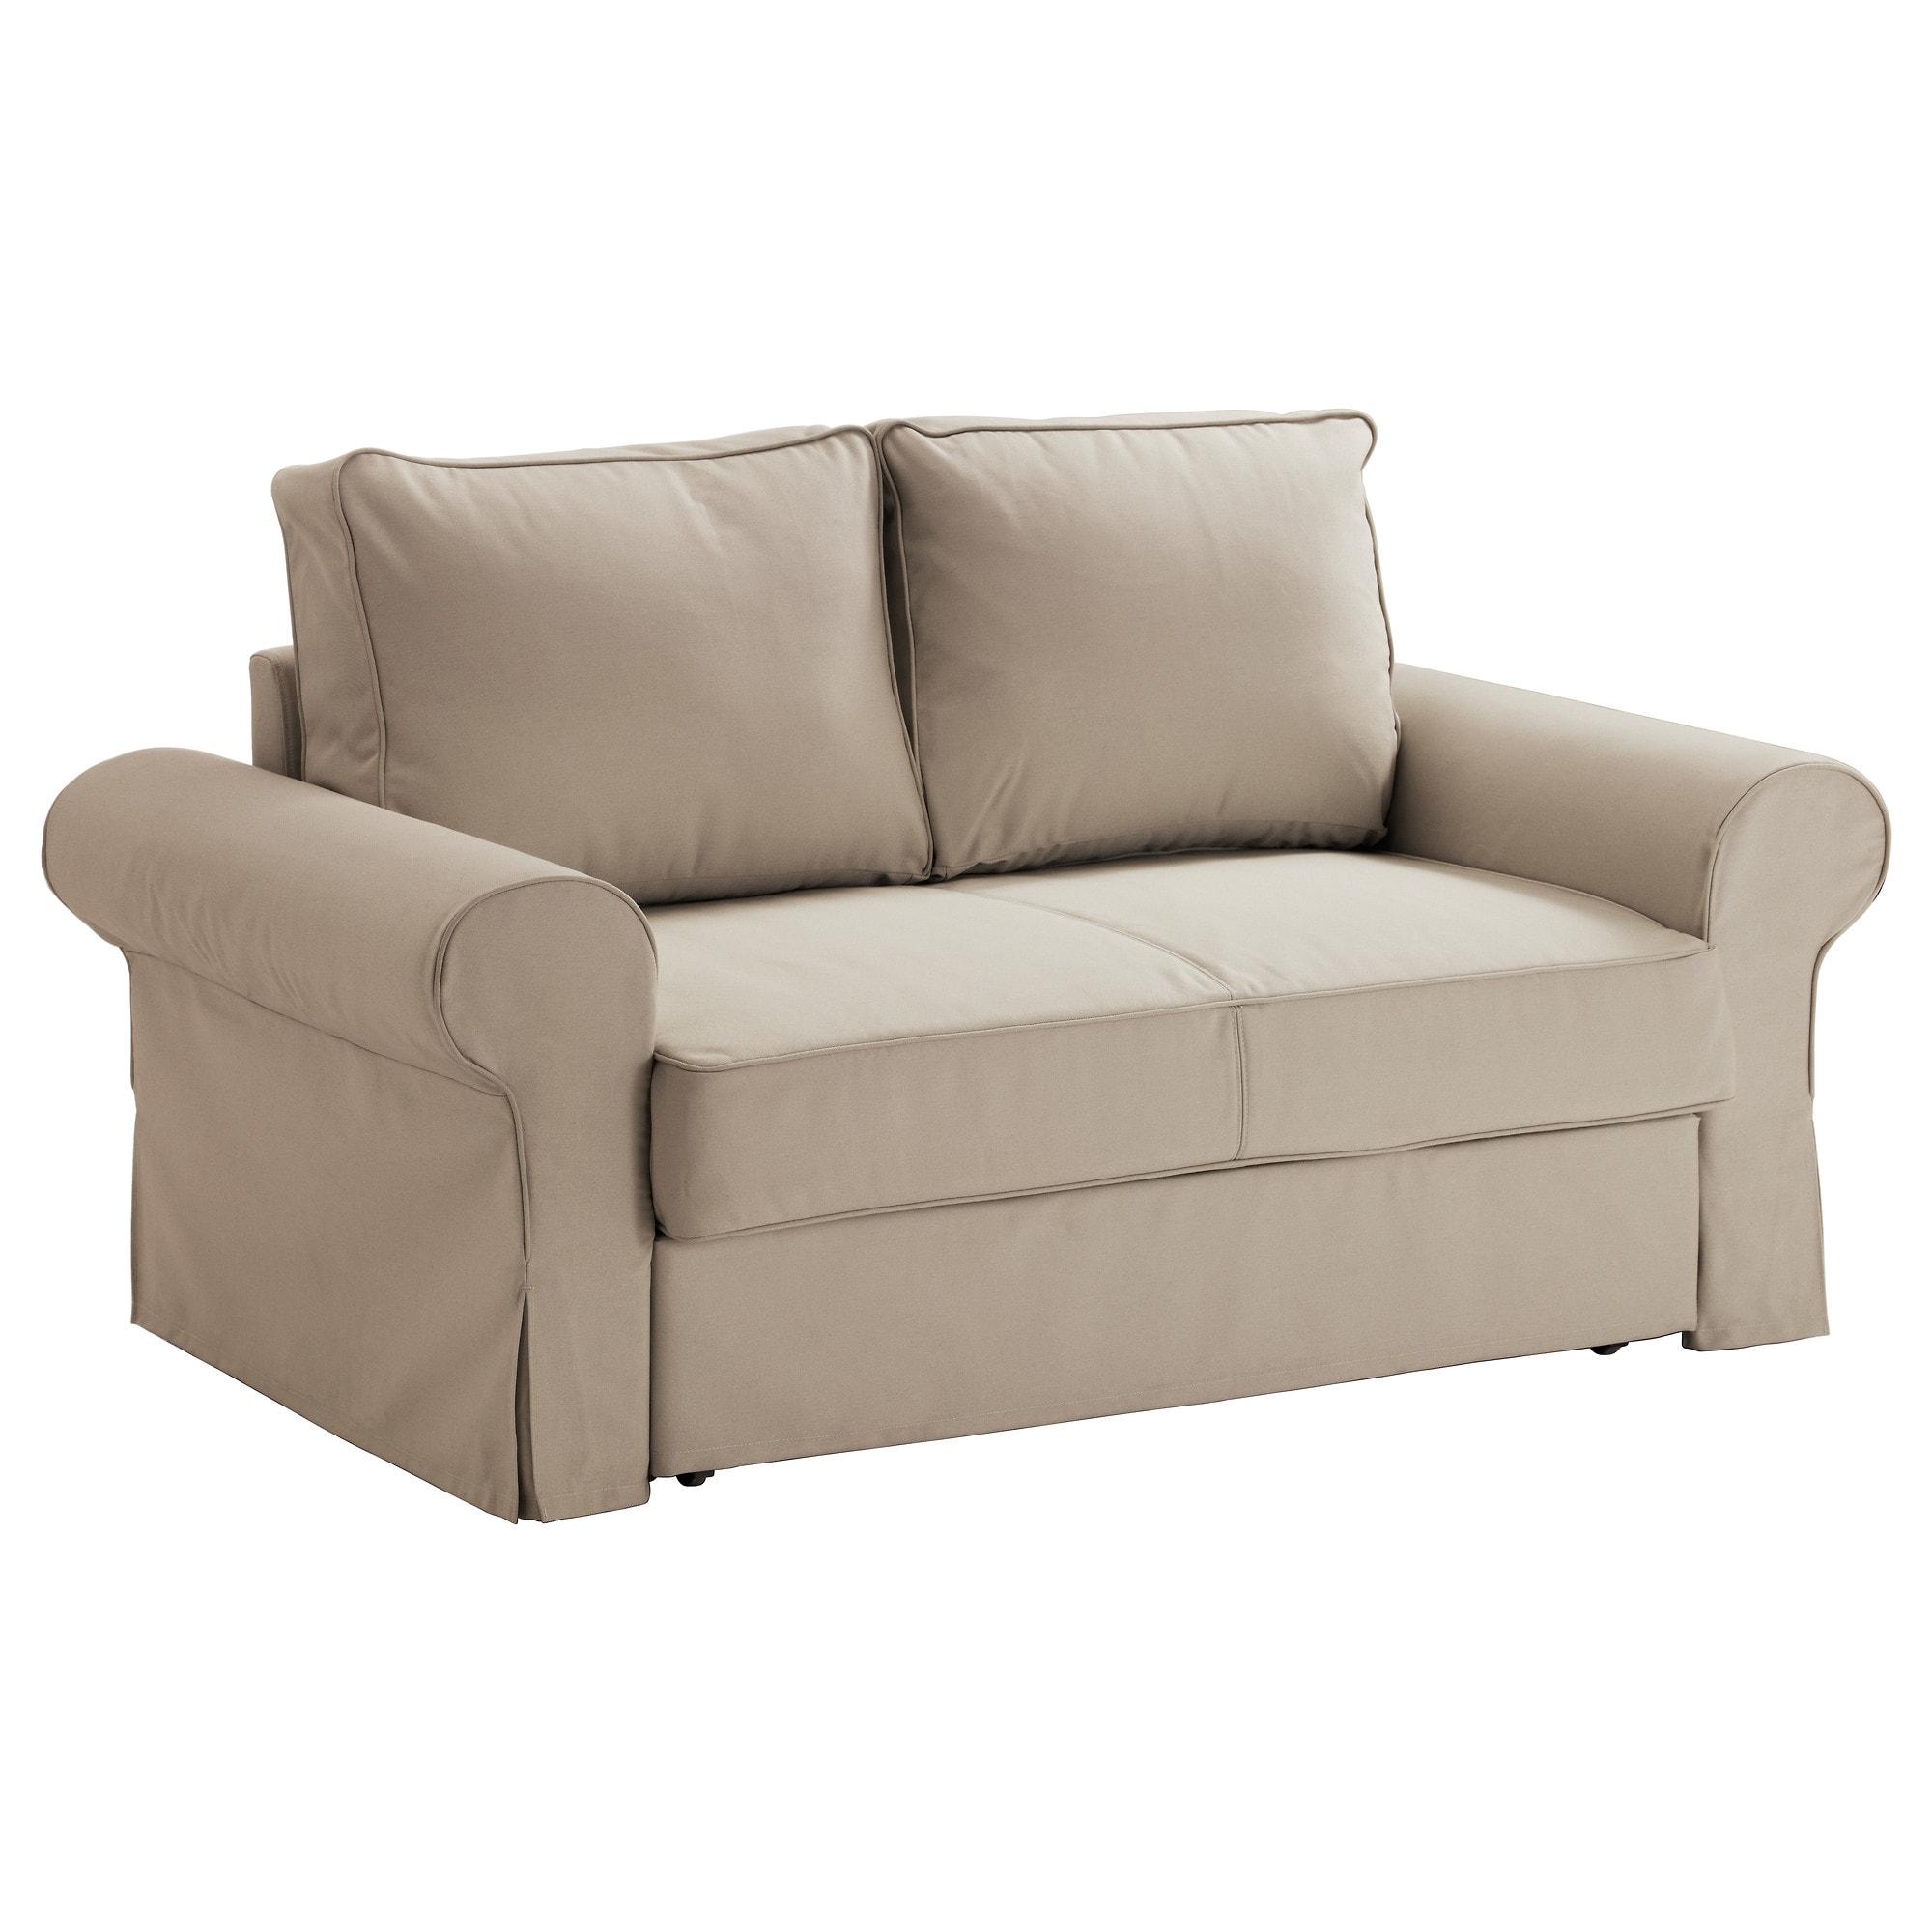 Sofa Extensible Ffdn sofa Beds Corner sofa Beds Futons Ikea